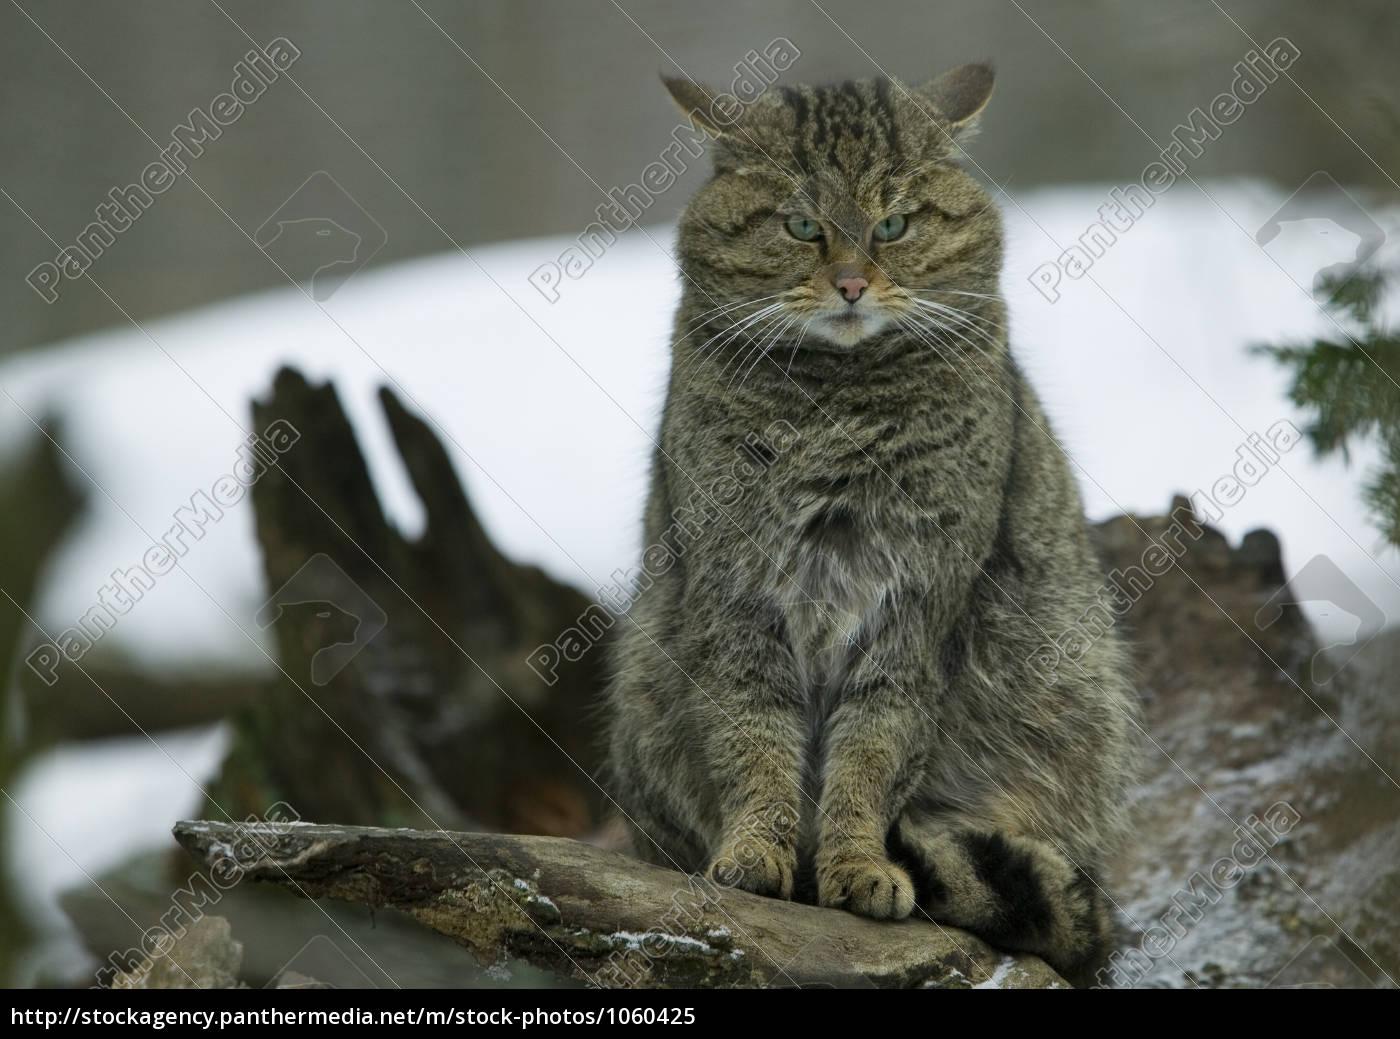 wildcat - 1060425